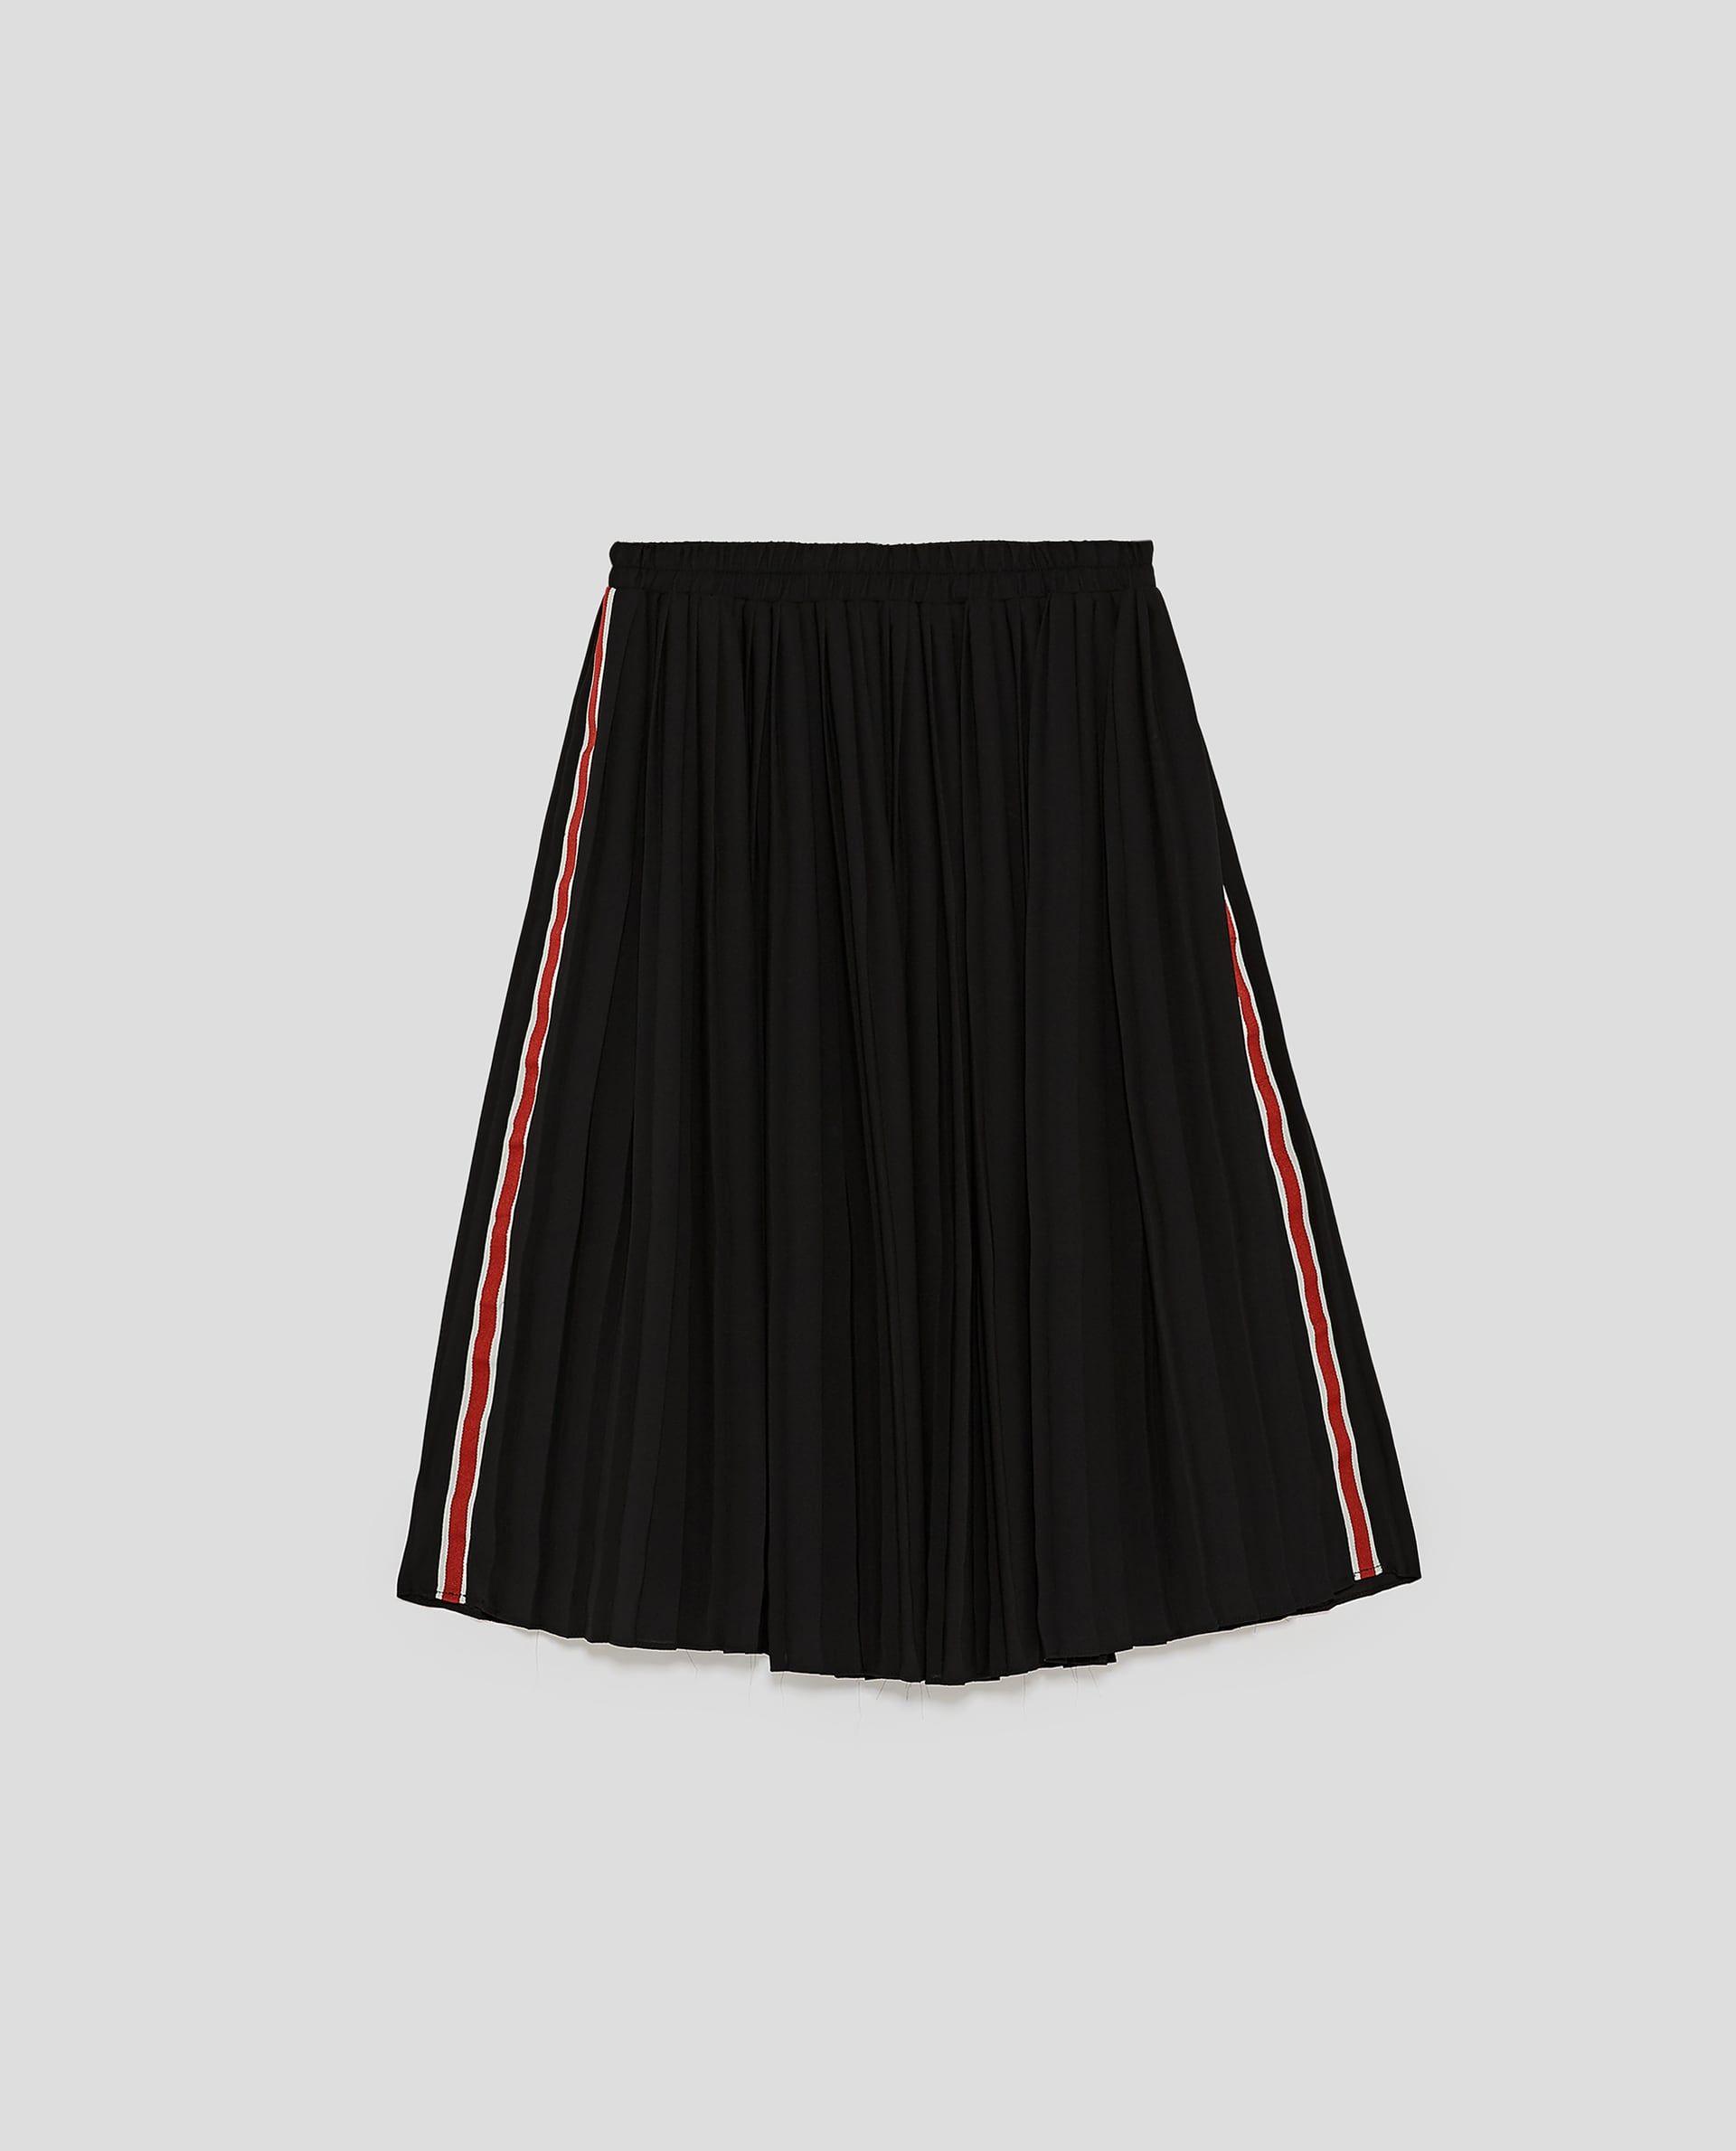 Billede 8 Af Ternet Midi Nederdel Fra Zara Dengan Gambar Gaya Model Pakaian Gaya Model Pakaian Korea Model Pakaian